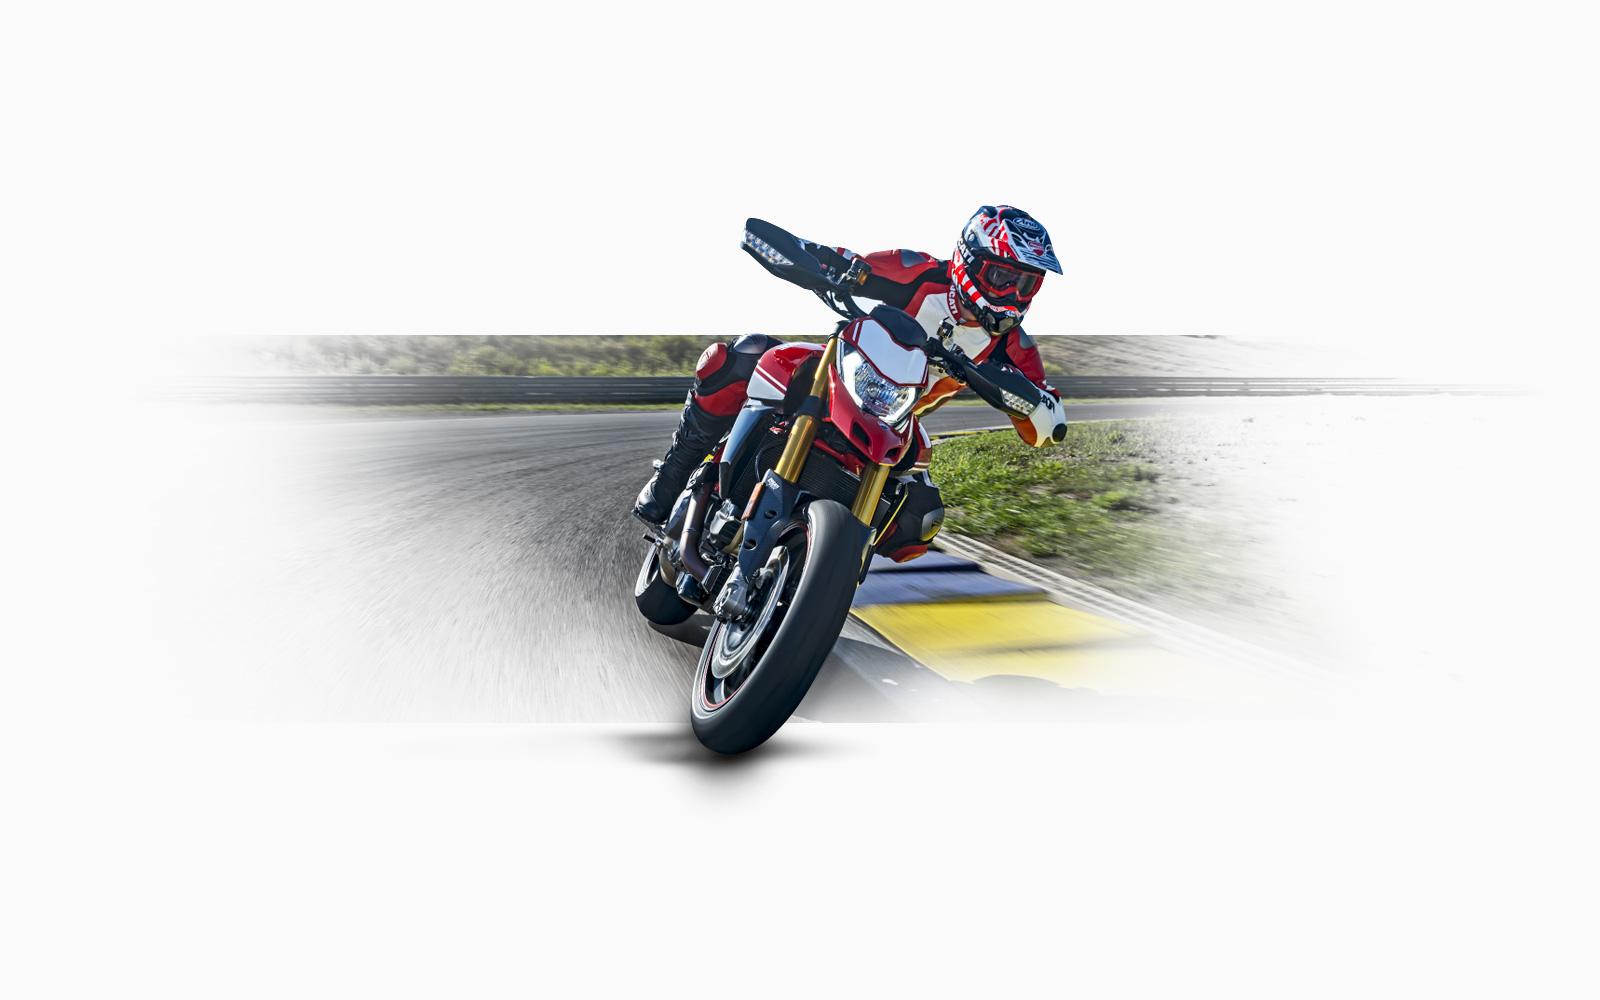 Top Ducati Hypermotard 950 SP